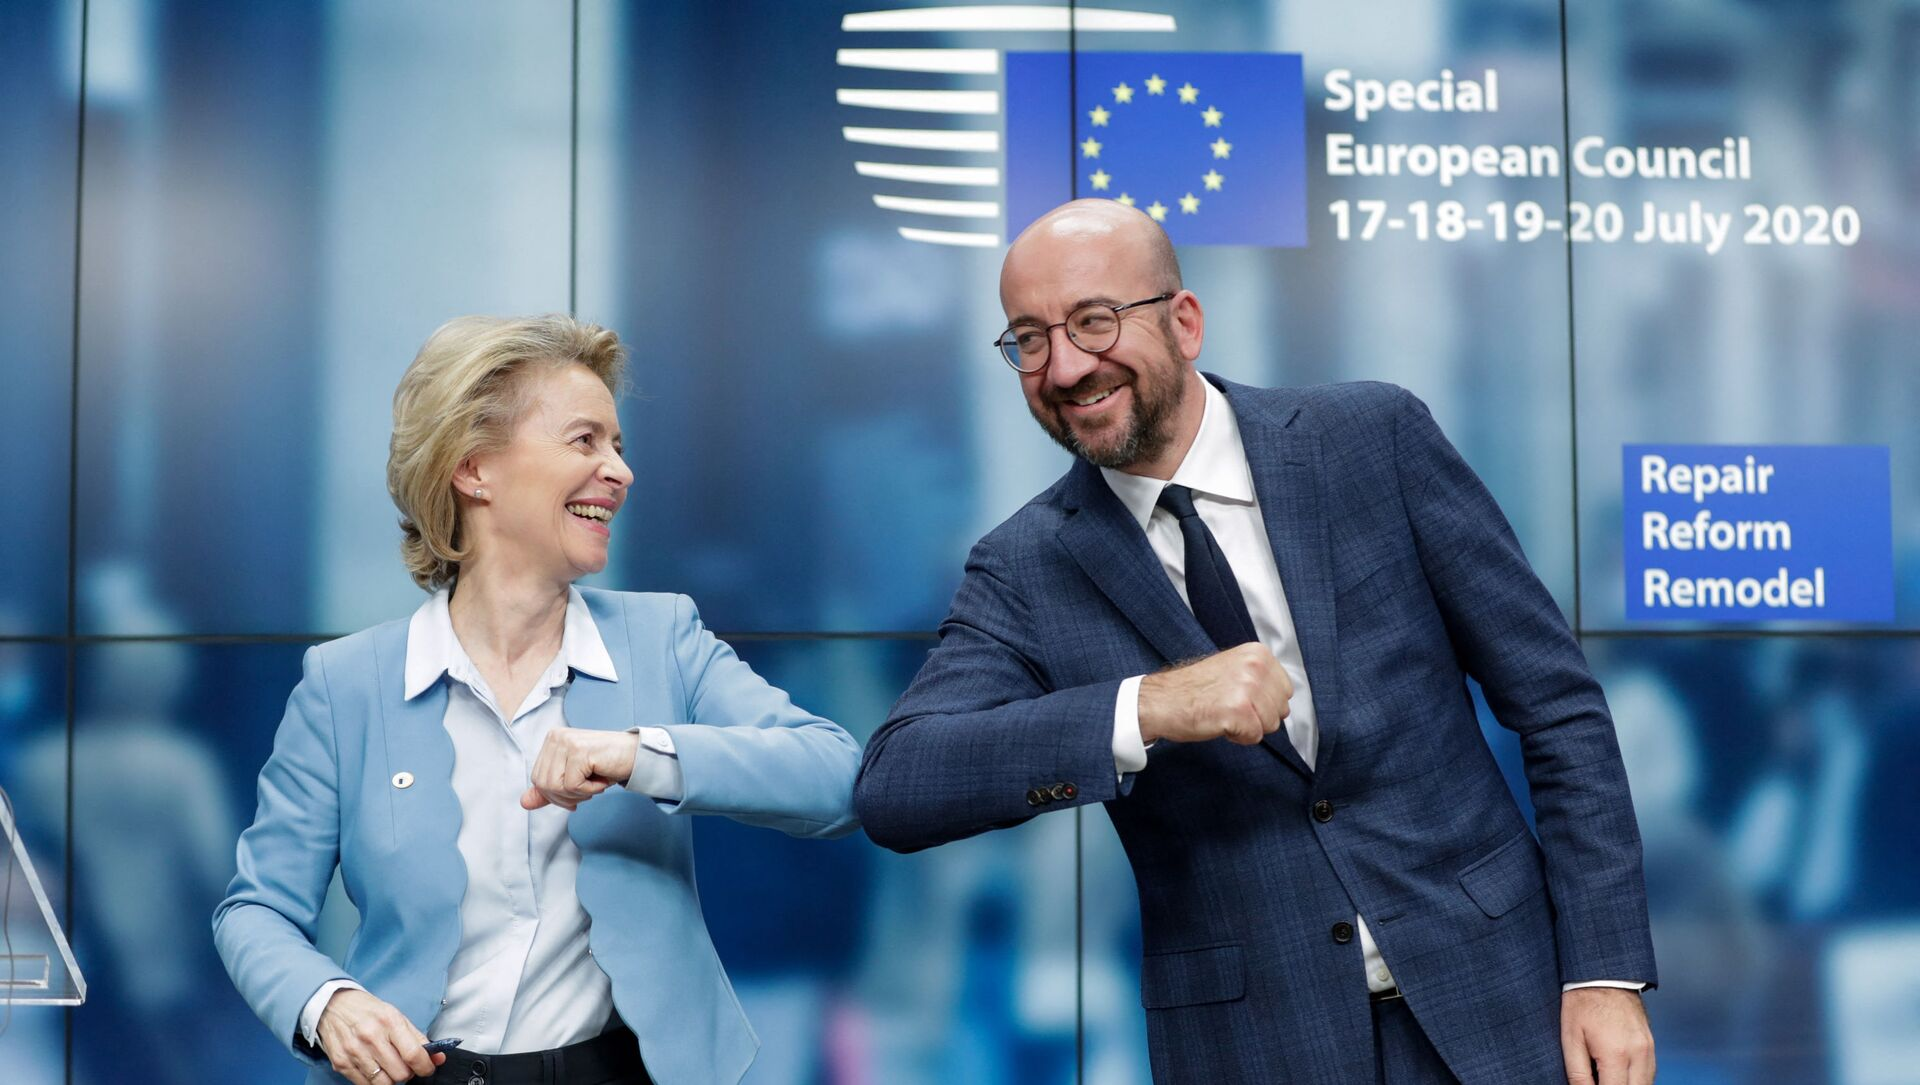 La présidente de la Commission européenne Ursula von der Leyen et le président du Conseil européen Charles Michel lors d'un sommet européen à Bruxelles, le 21 juillet 2020. - Sputnik France, 1920, 02.03.2021